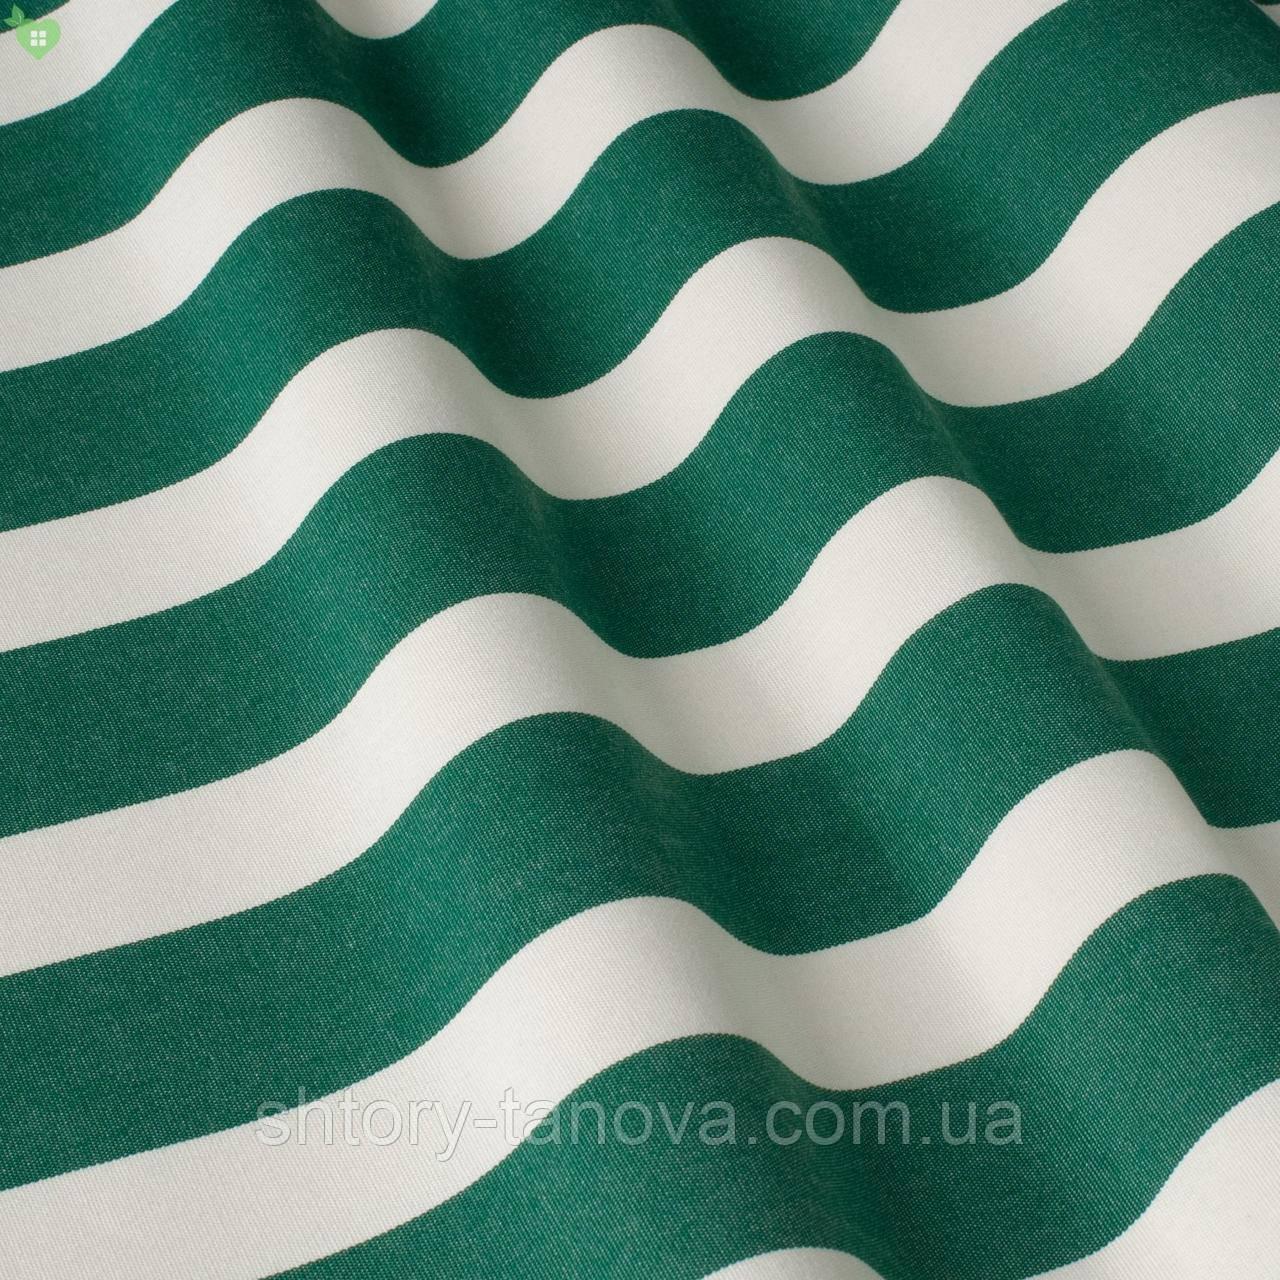 Вулична декоративна тканина в смужку білого і зеленого кольору